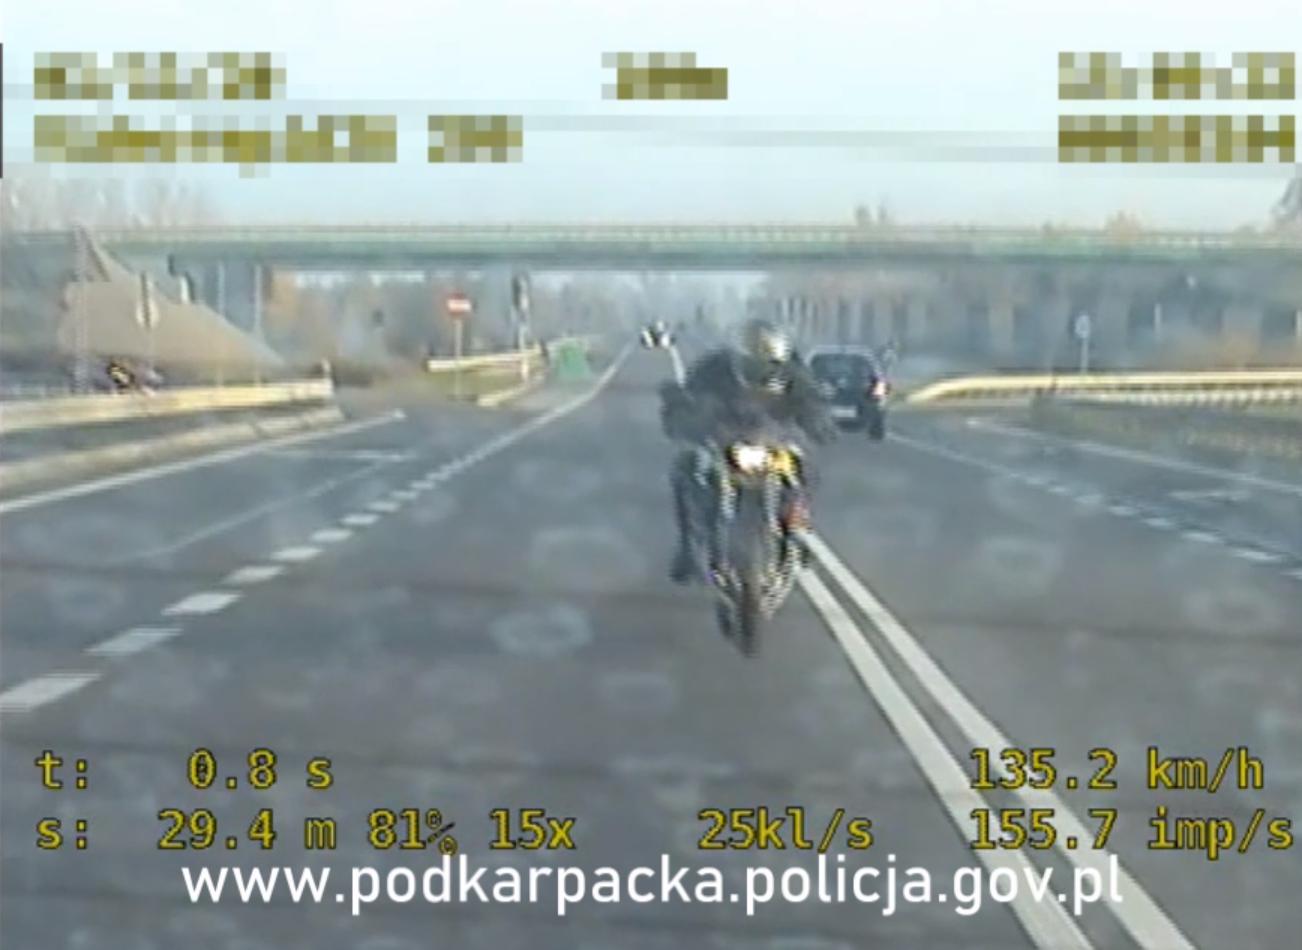 Podkarpacie. Wyprzedził policjantów na podwójnej ciągłej i uciekał [VIDEO] - Zdjęcie główne